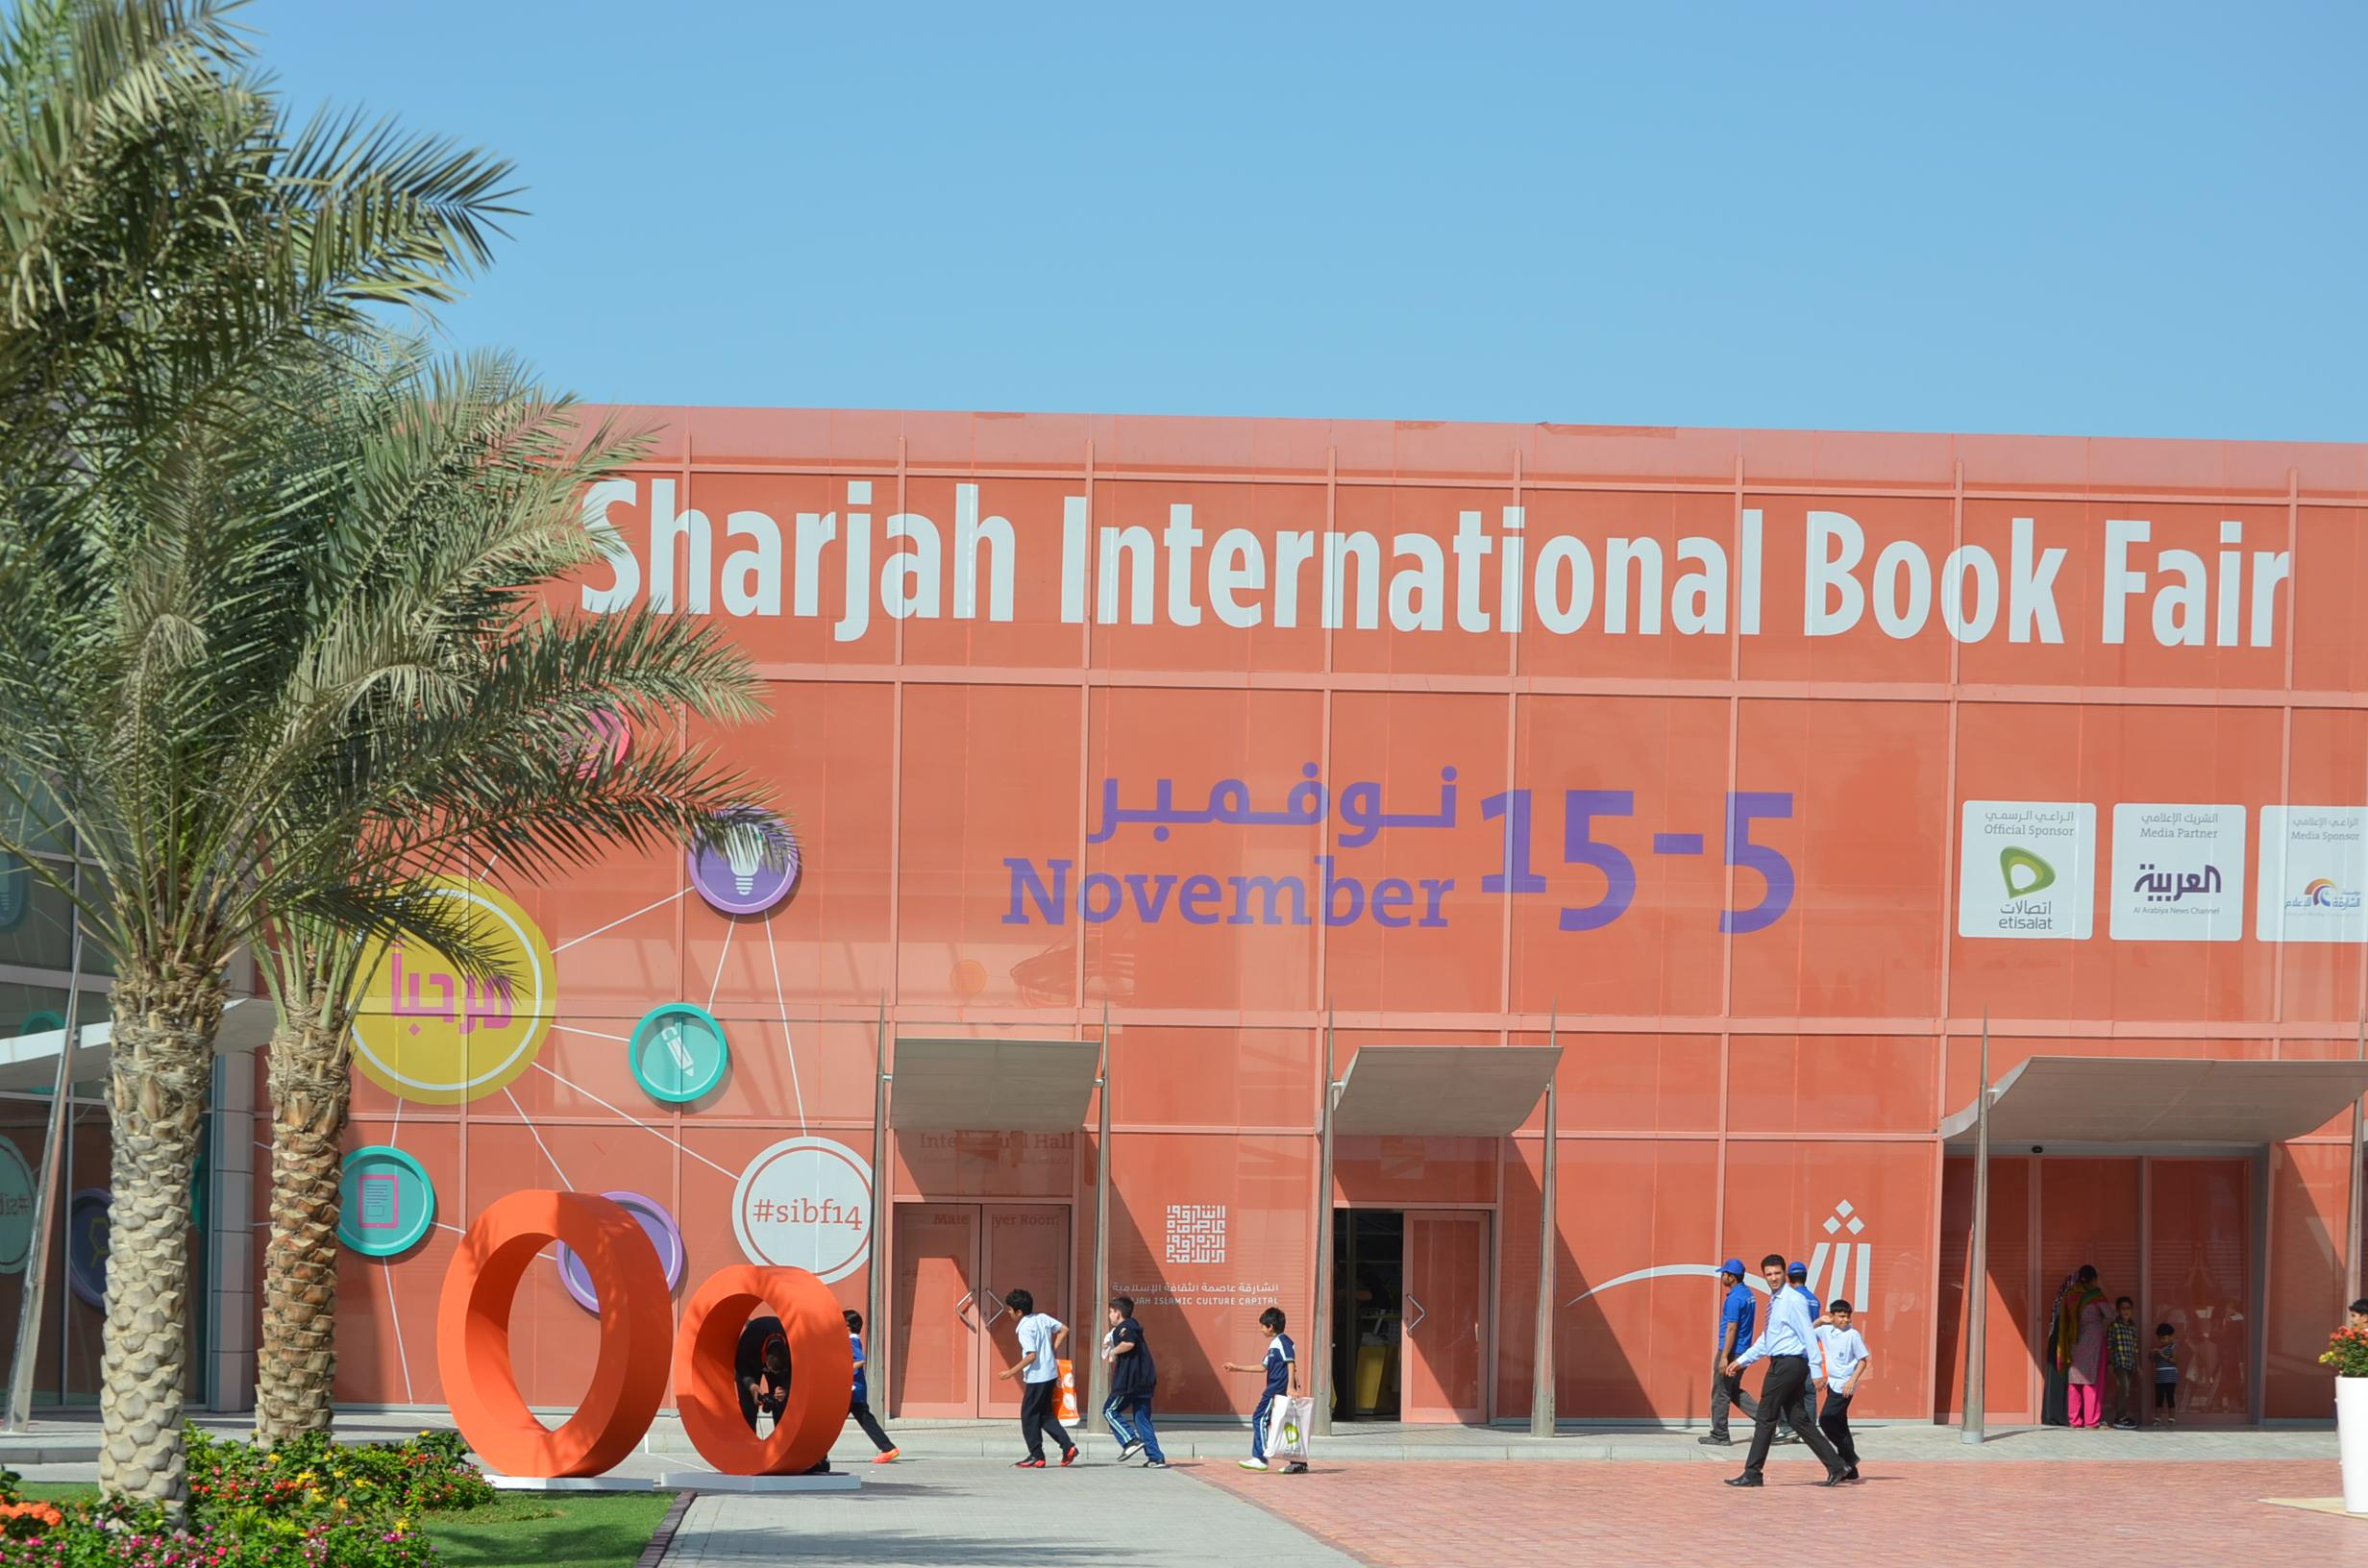 SIBF entrance